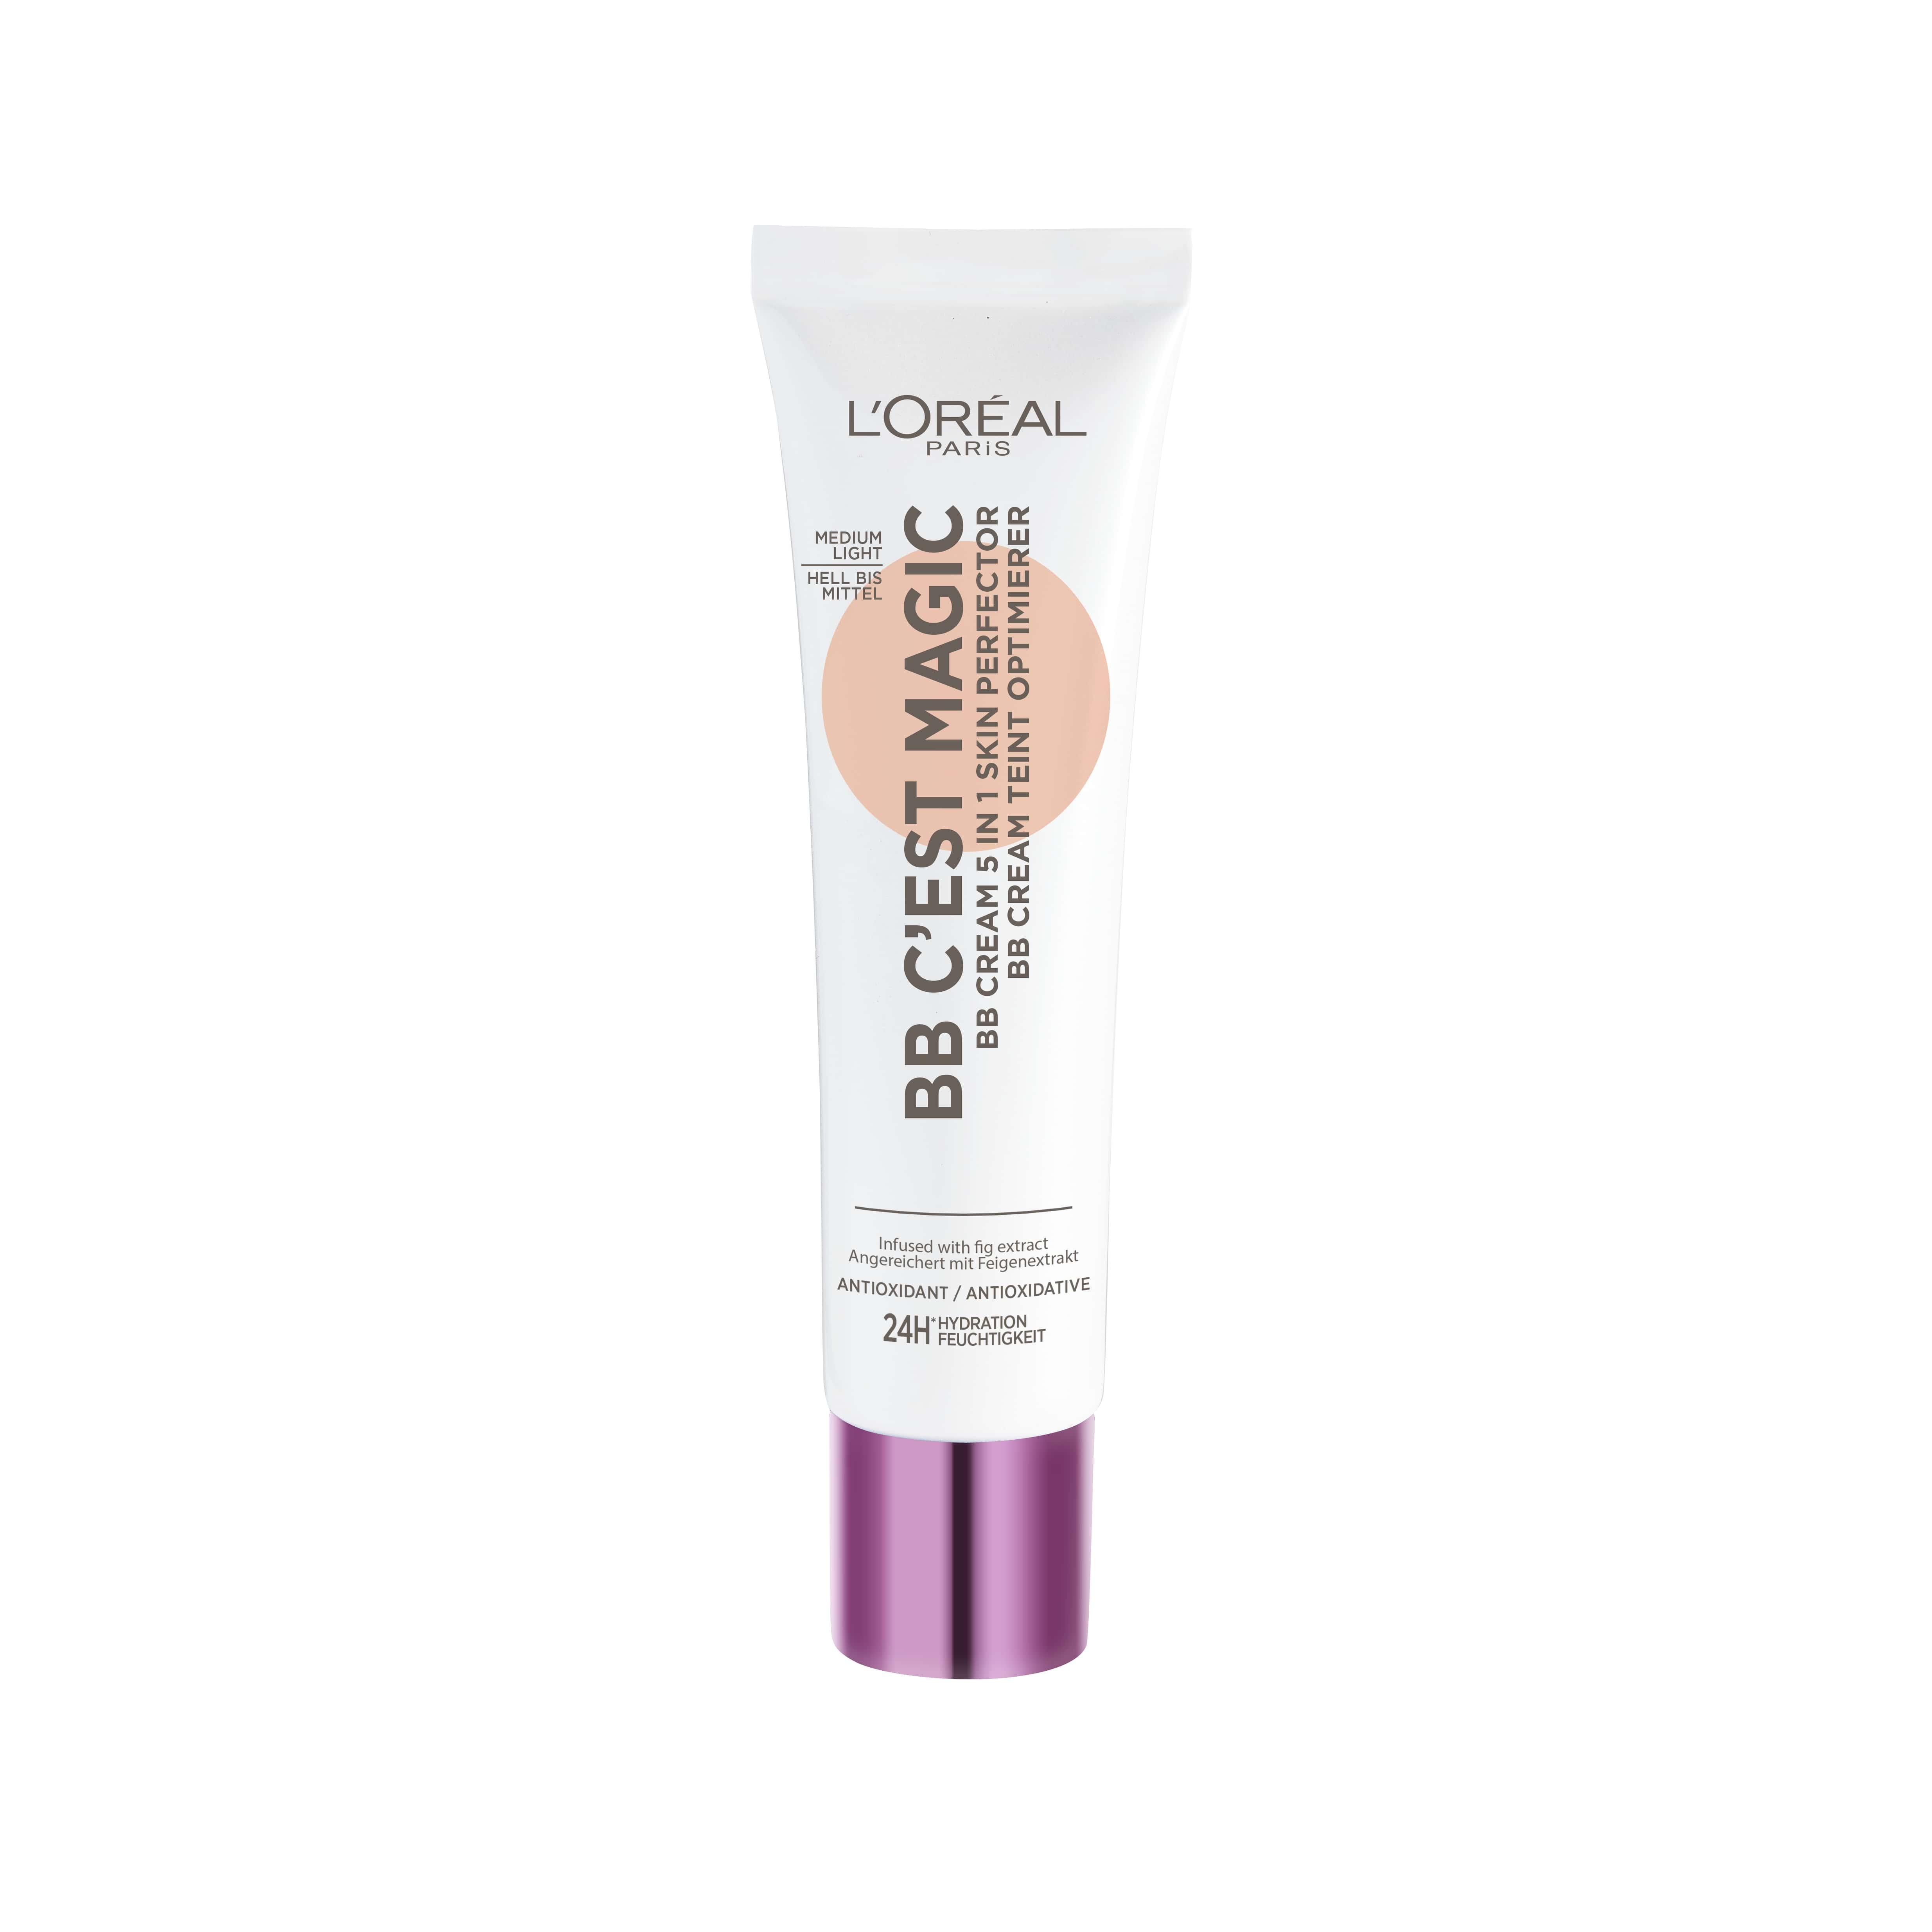 L'Oréal - BB C'est Magic 30 ml - Medium Light